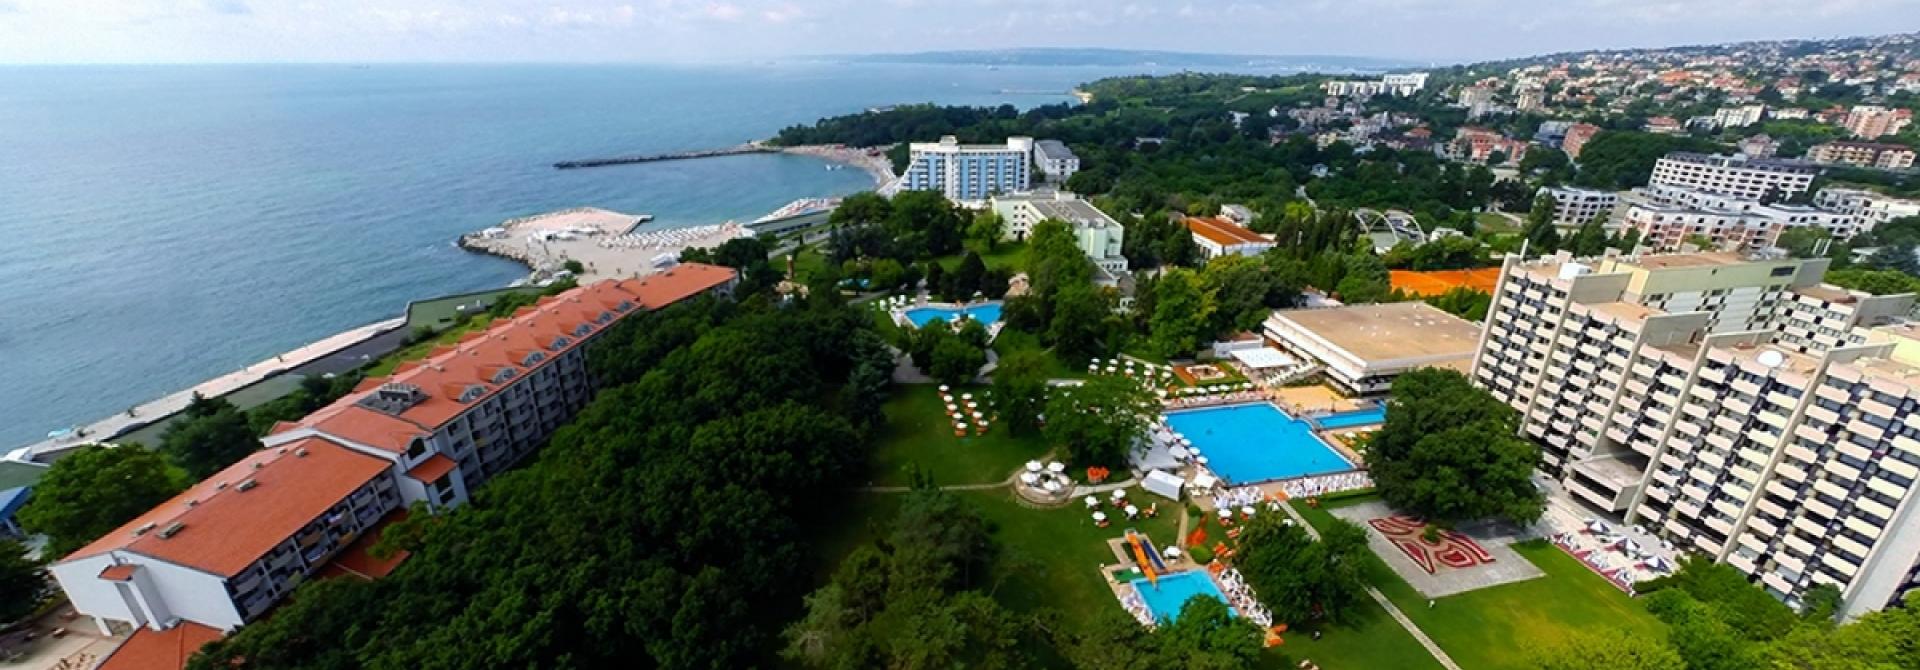 Гранд Хотел Варна Свети Константин и Елена